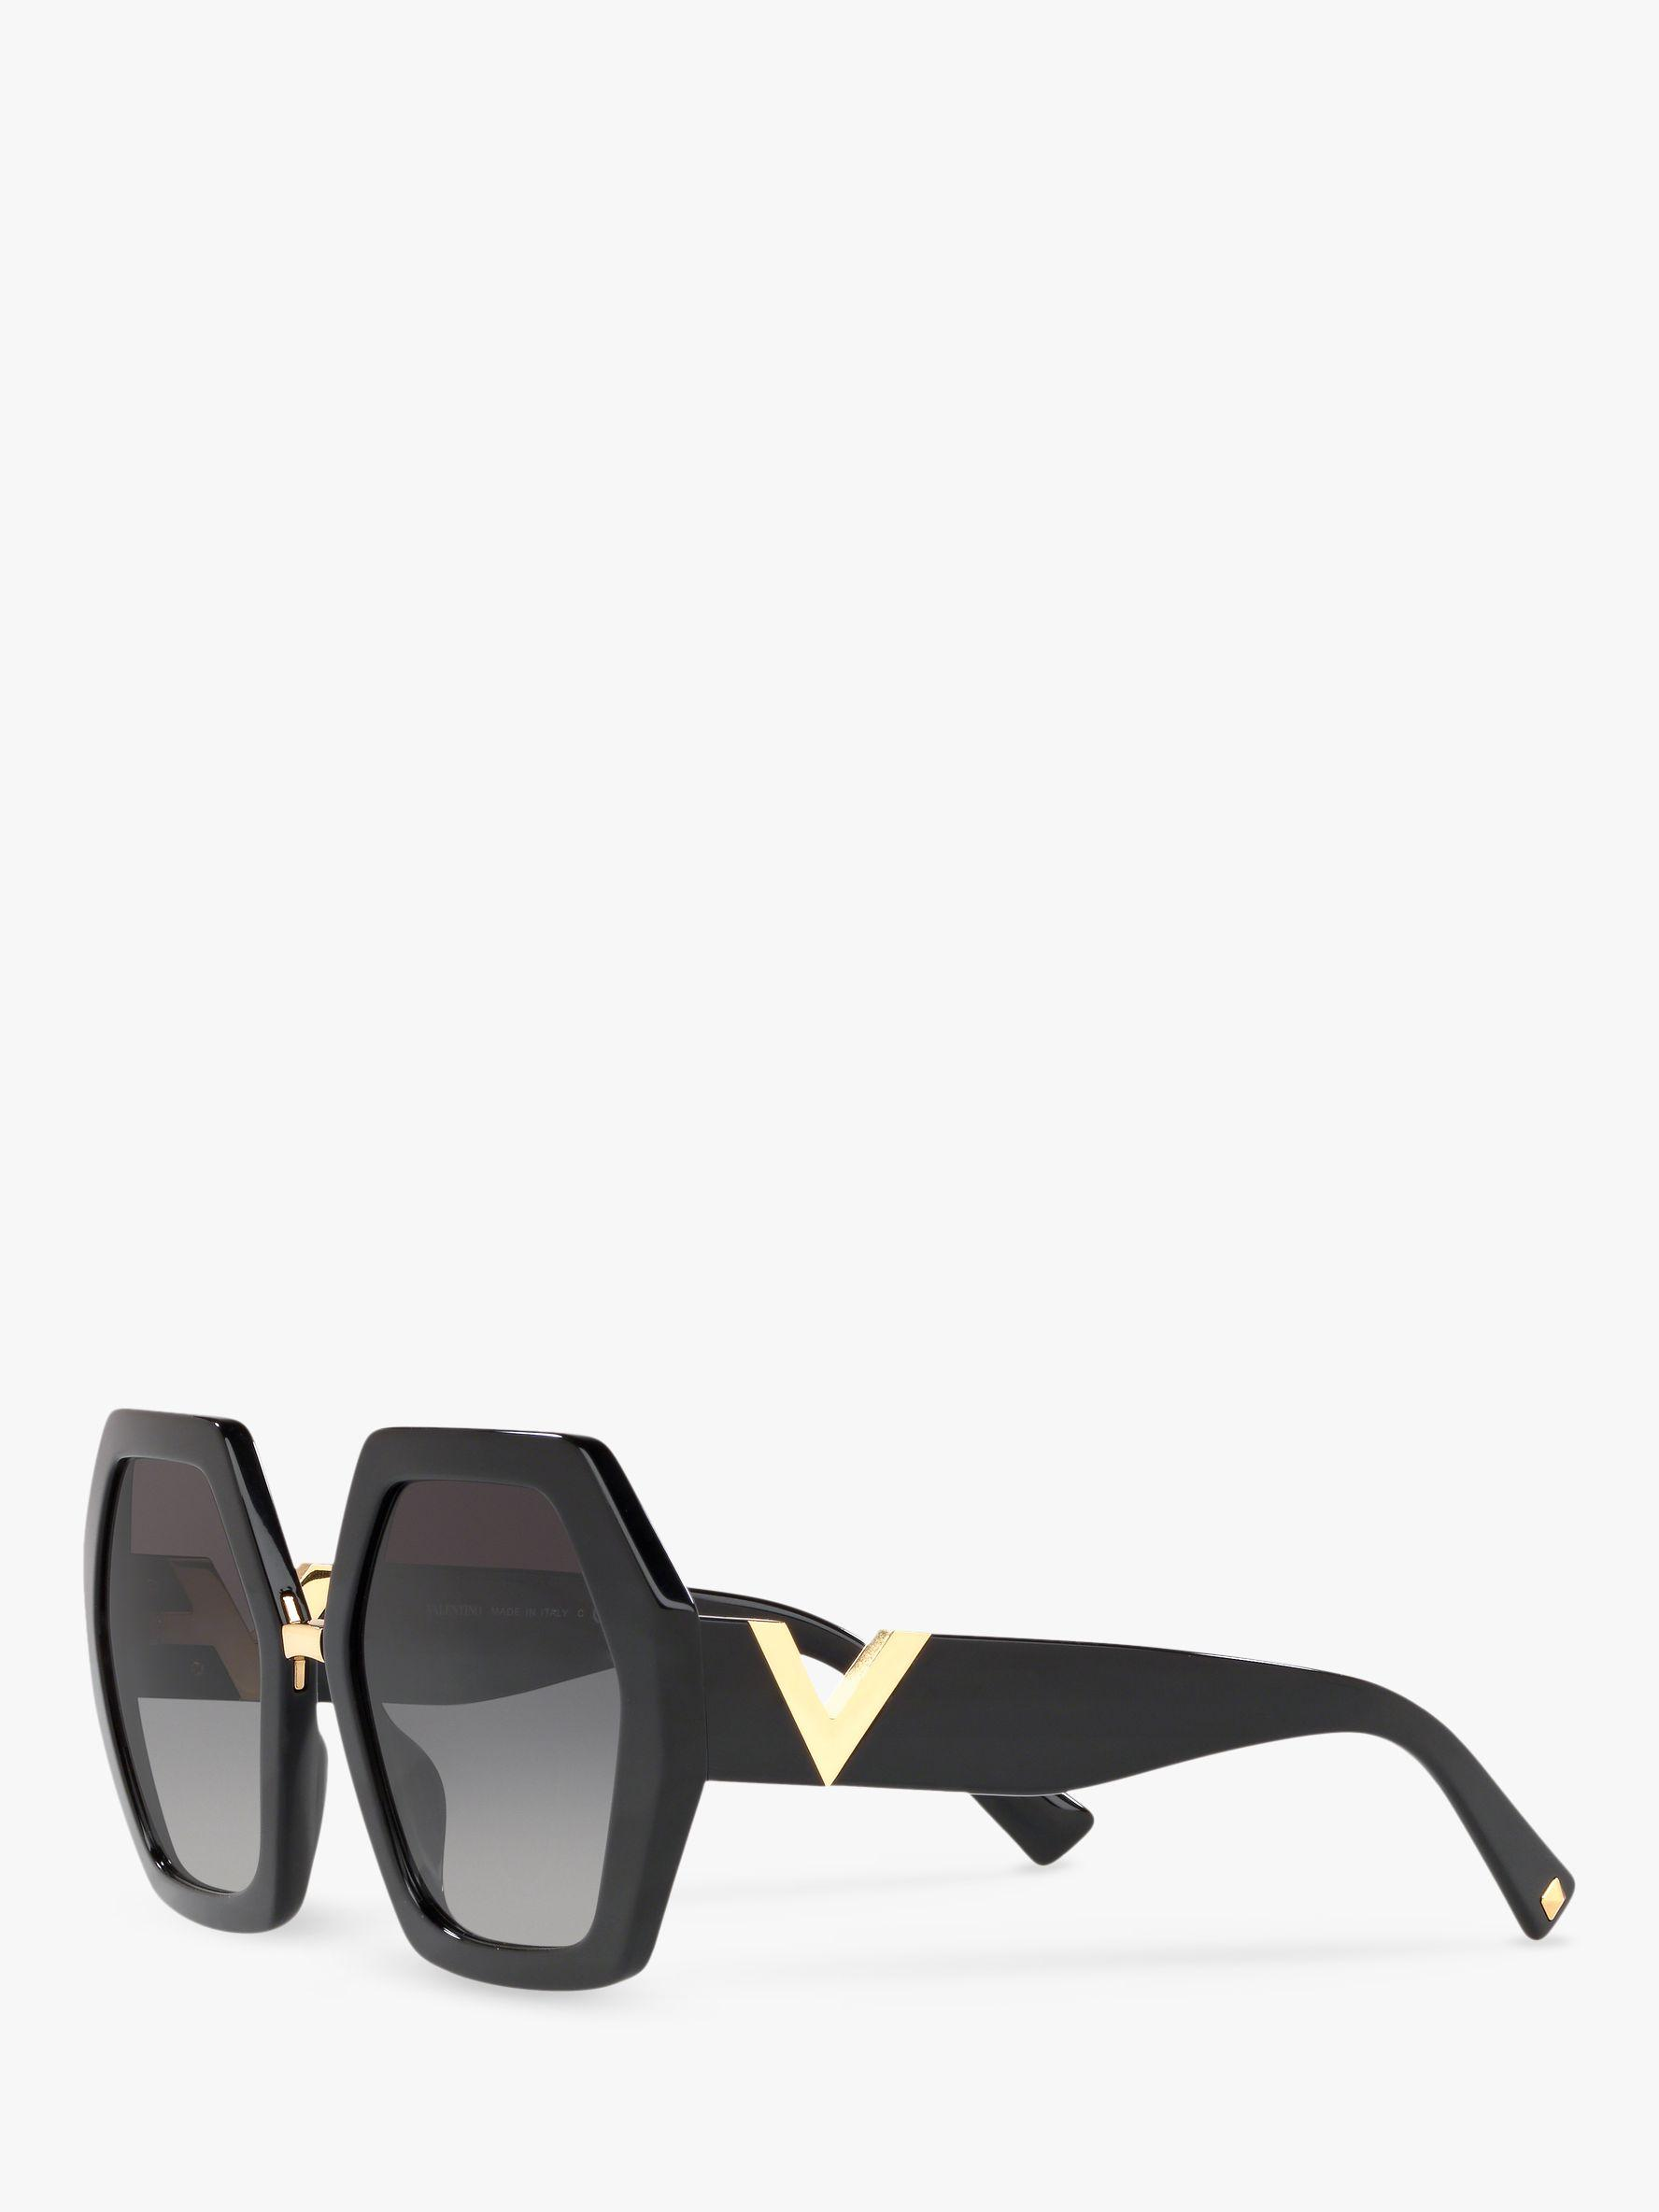 9b040f1995f0f Valentino Va4053 Women s Hexagonal Statement Sunglasses in Black - Lyst